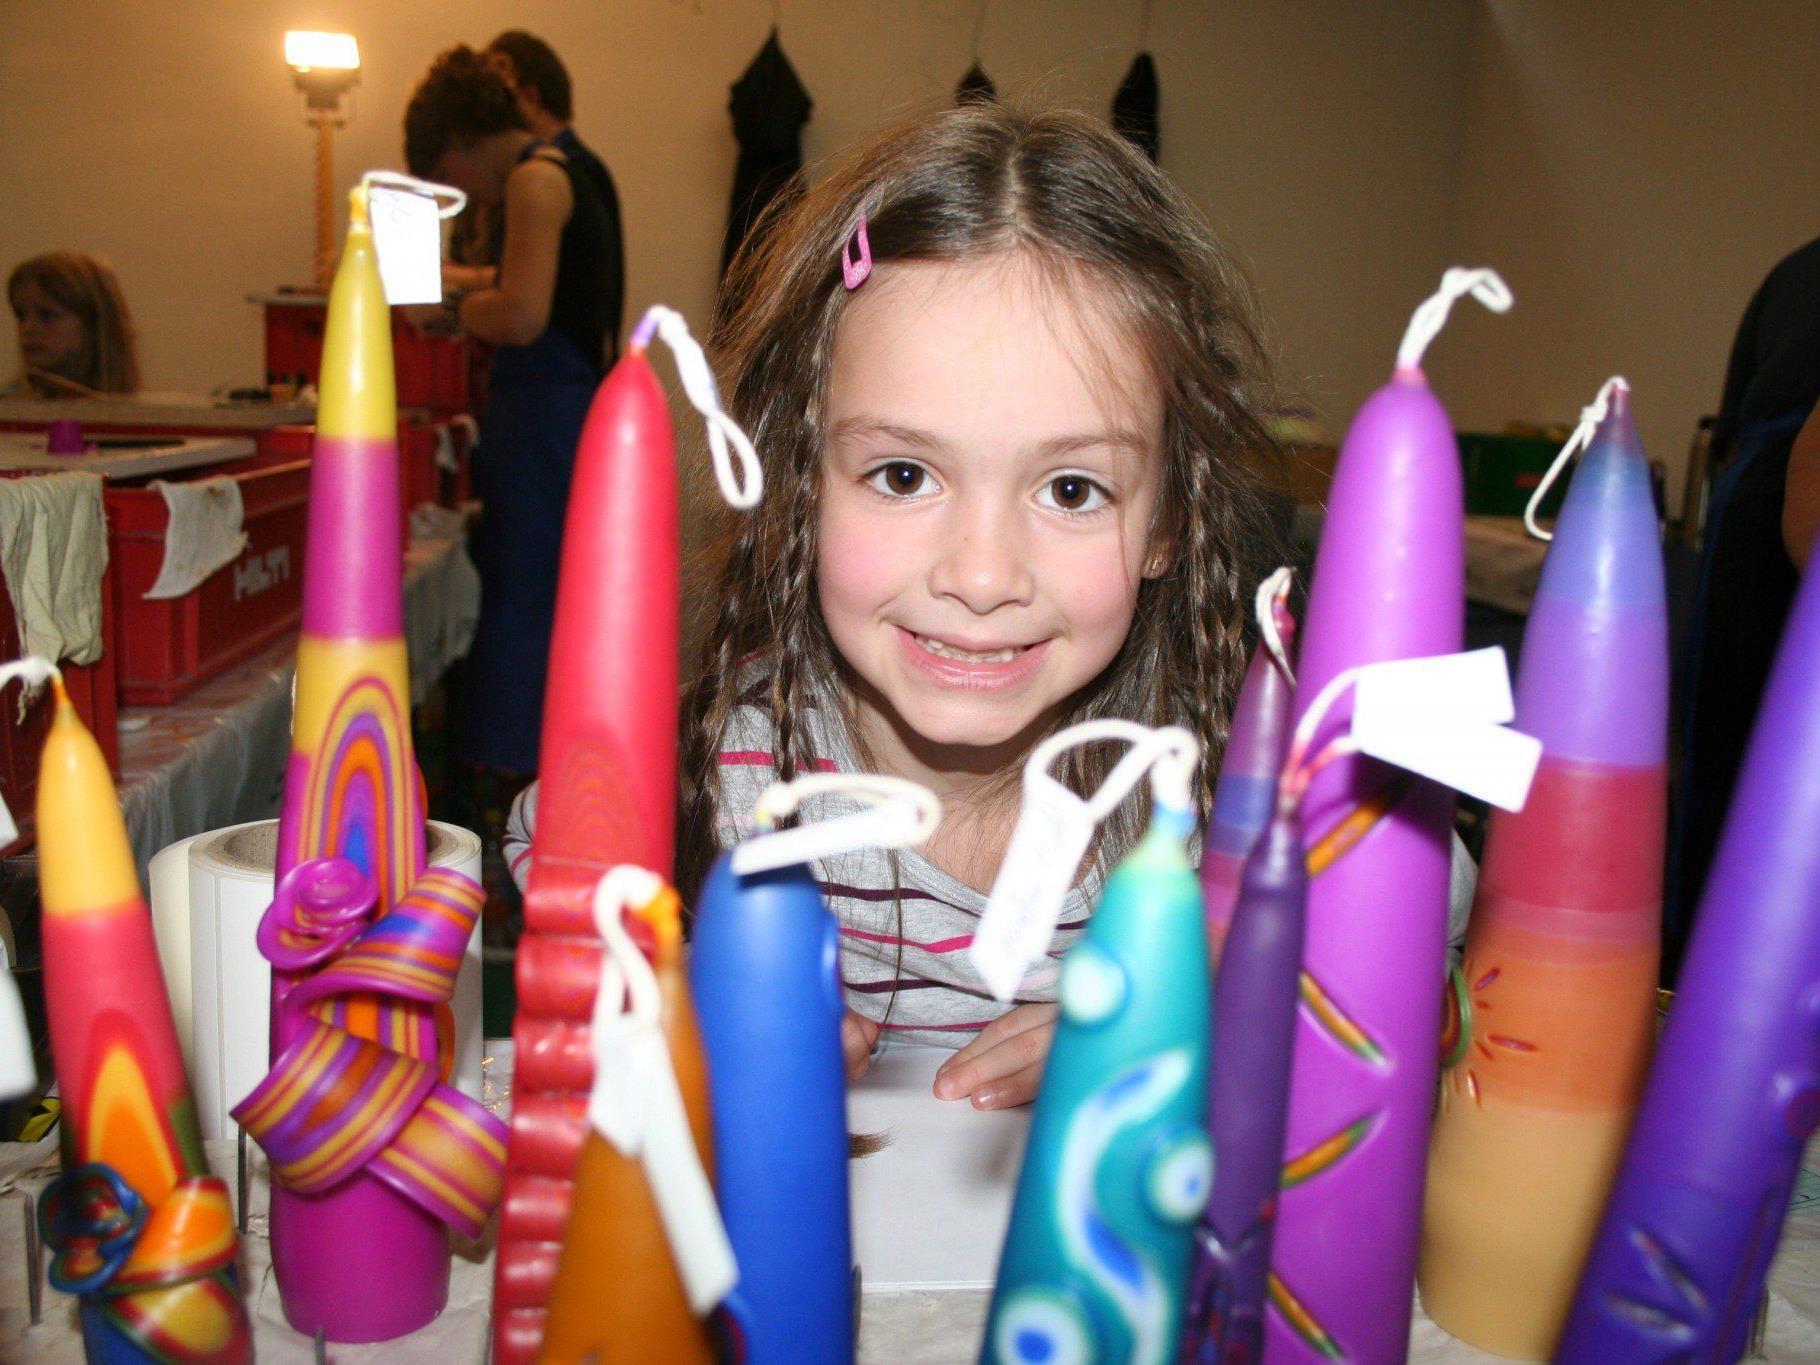 Lea fertigte eine hübsche Kerze an und war begeistert von den vielen anderen Exemplaren.